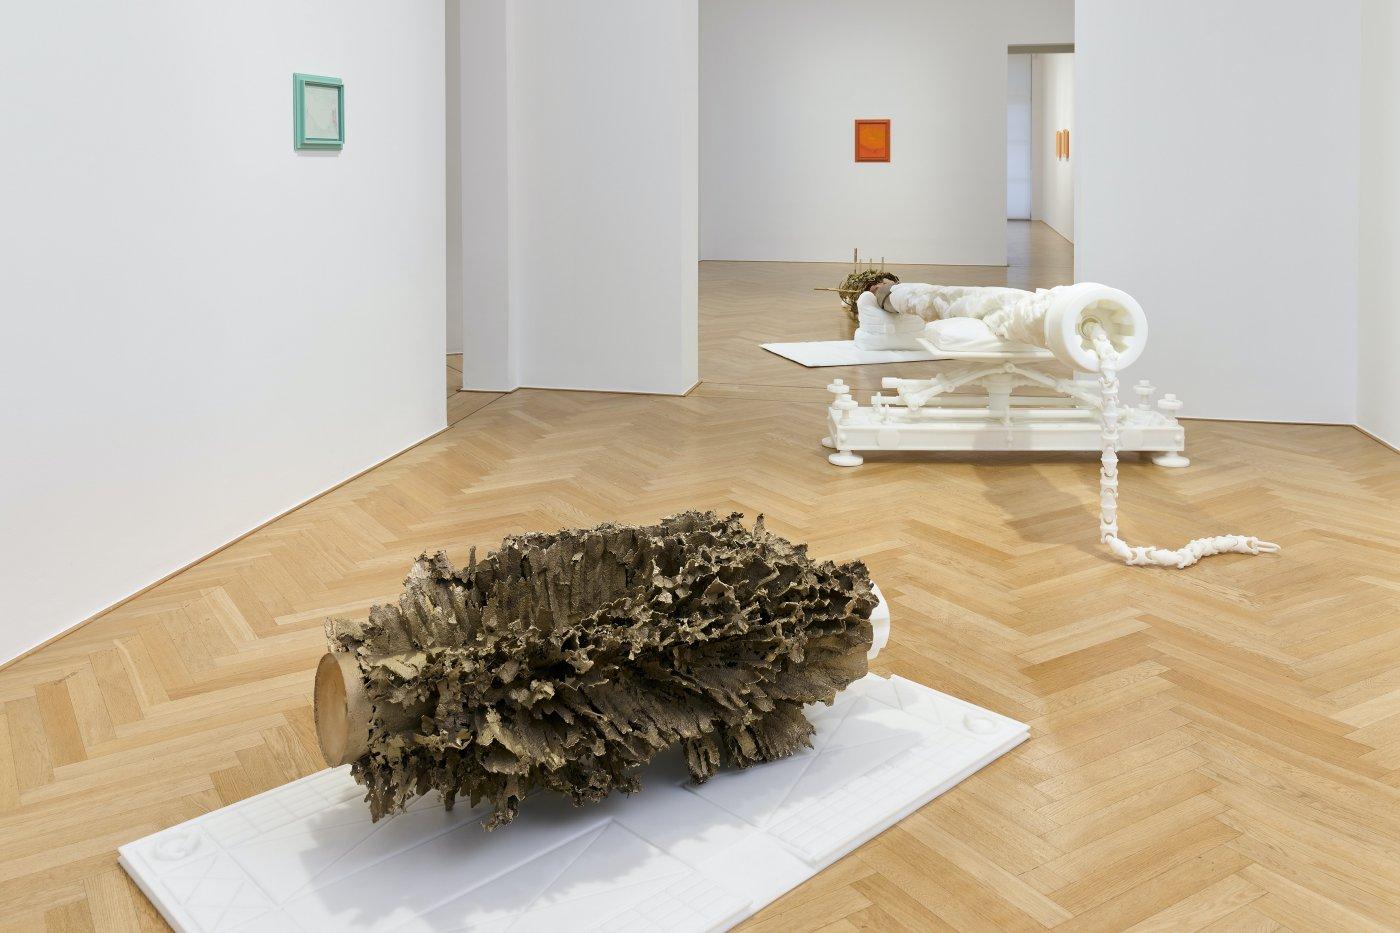 Galerie Max Hetzler Matthew Barney 7